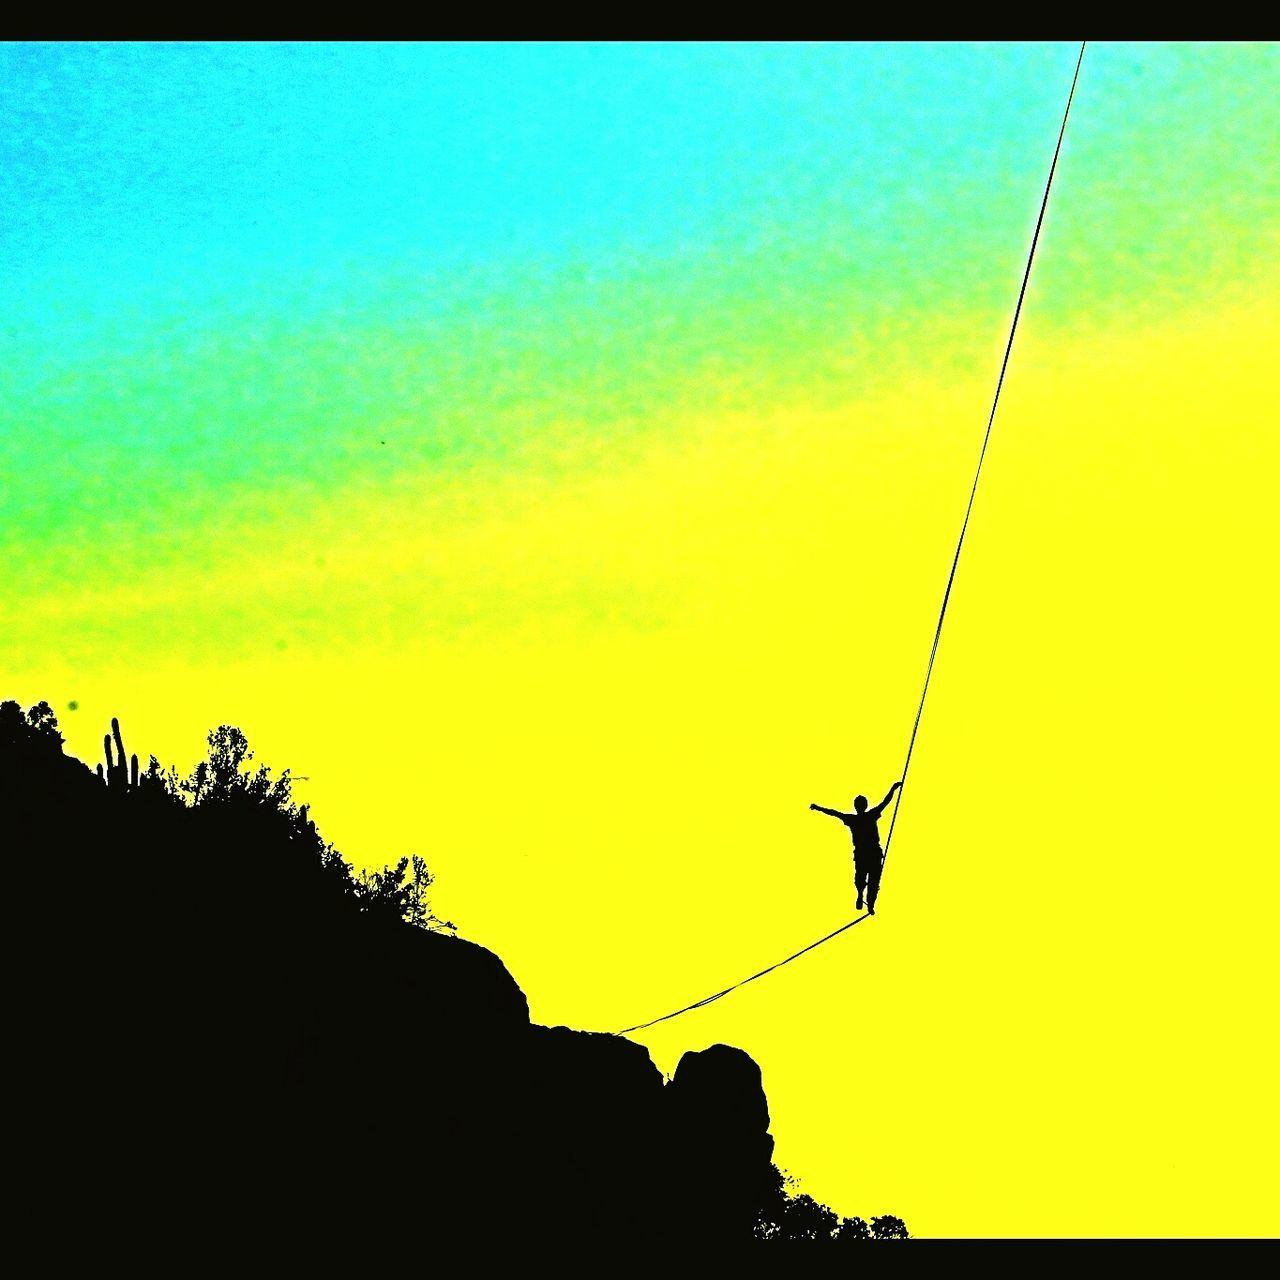 43 Golden Moments Ya, casi llegando al final. Ya, Casi Llegando Al Final Sunset Longline Joaquinsne Slackline Slaker Slacklife Slackvida Bosque Magico Sport Colour Of Life The Color Of Sport